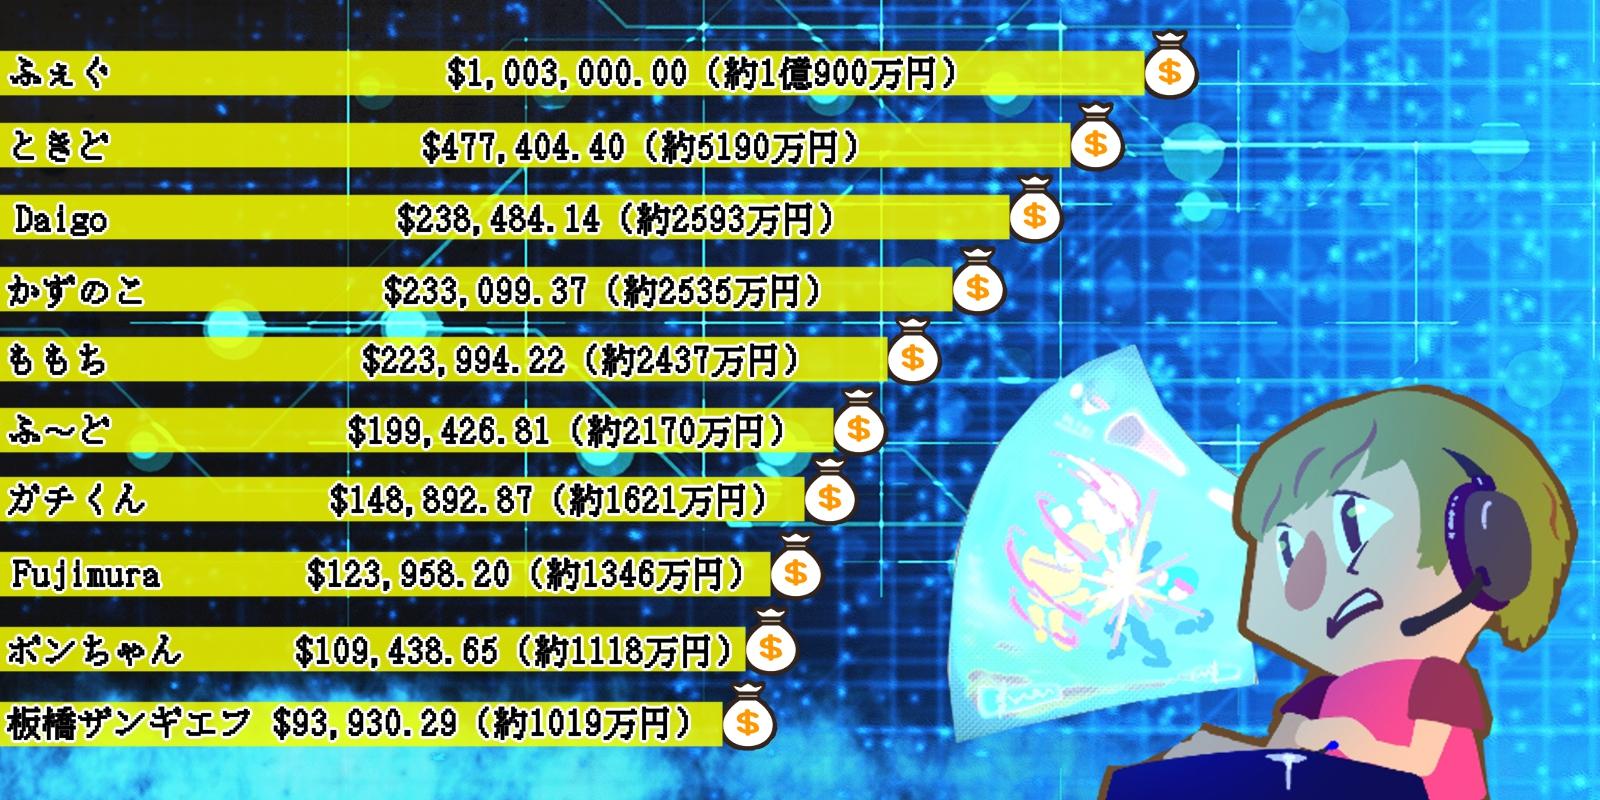 eスポーツ選手の獲得賞金総額インフォグラフィック